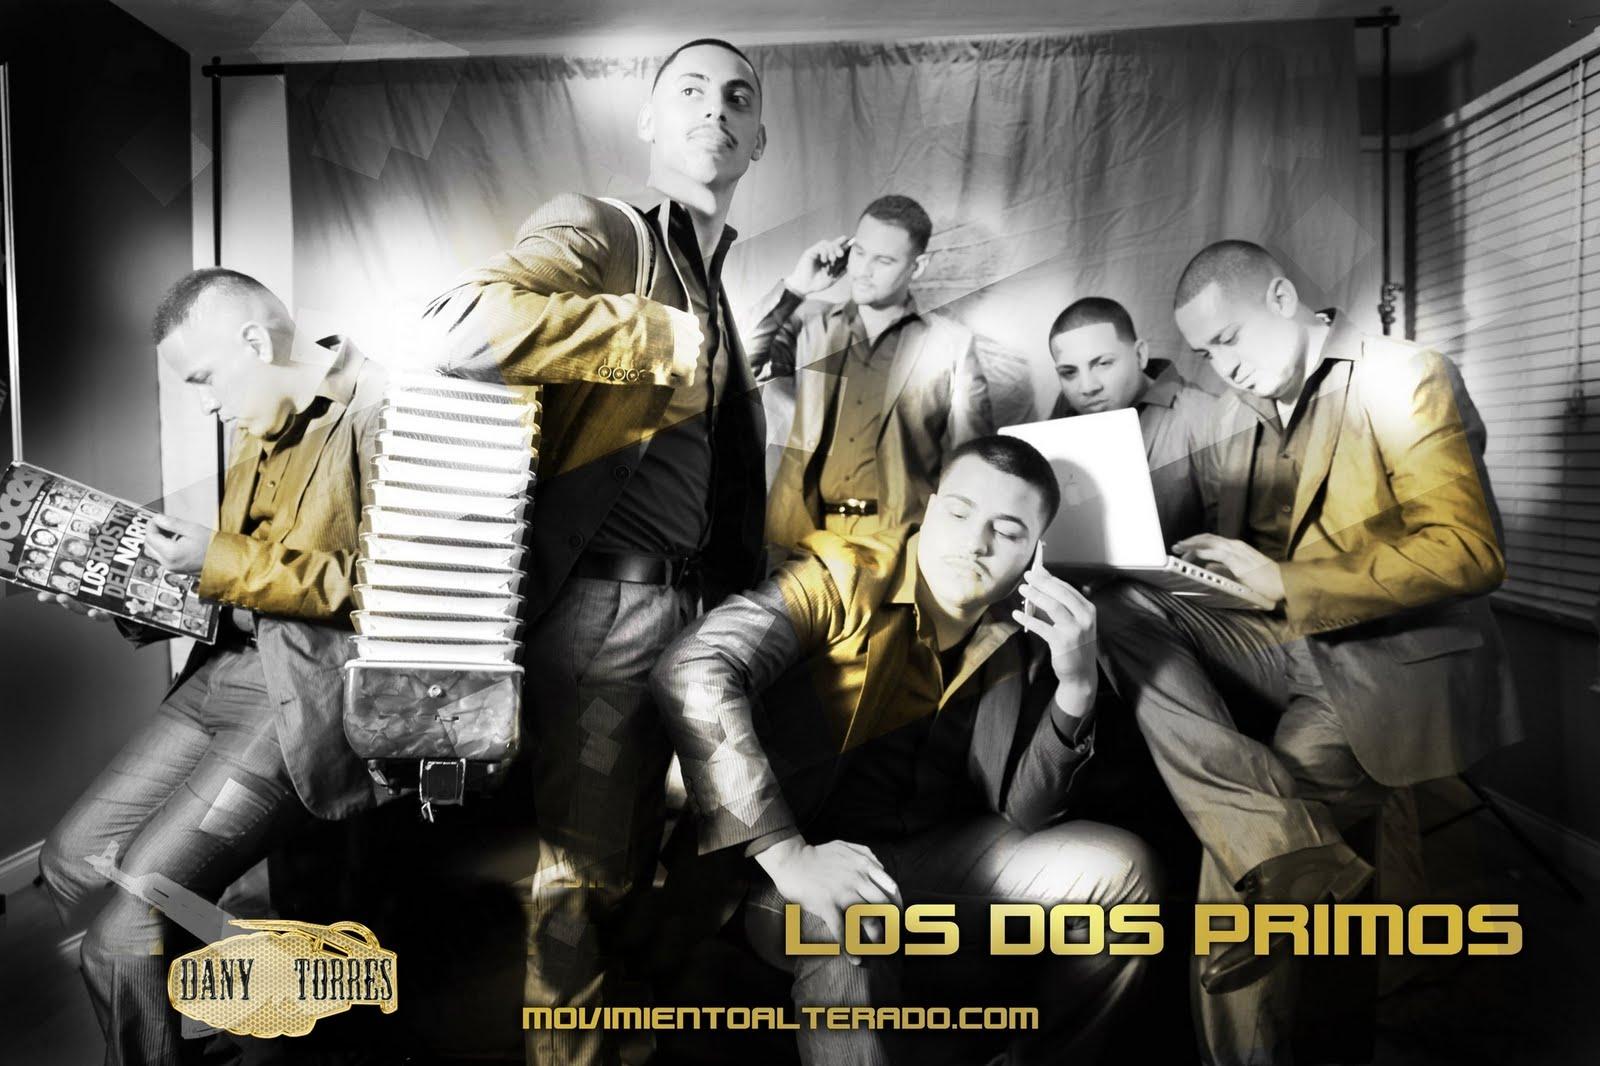 Los Dos Primos La Gerencia Promo 2011